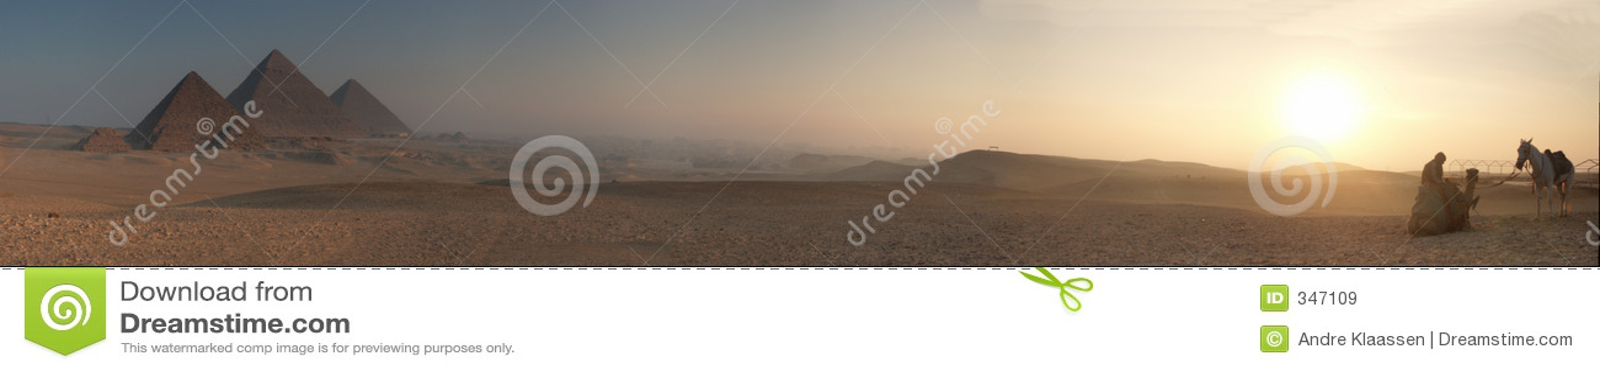 Plamy 5000x878 piramid wschód słońca